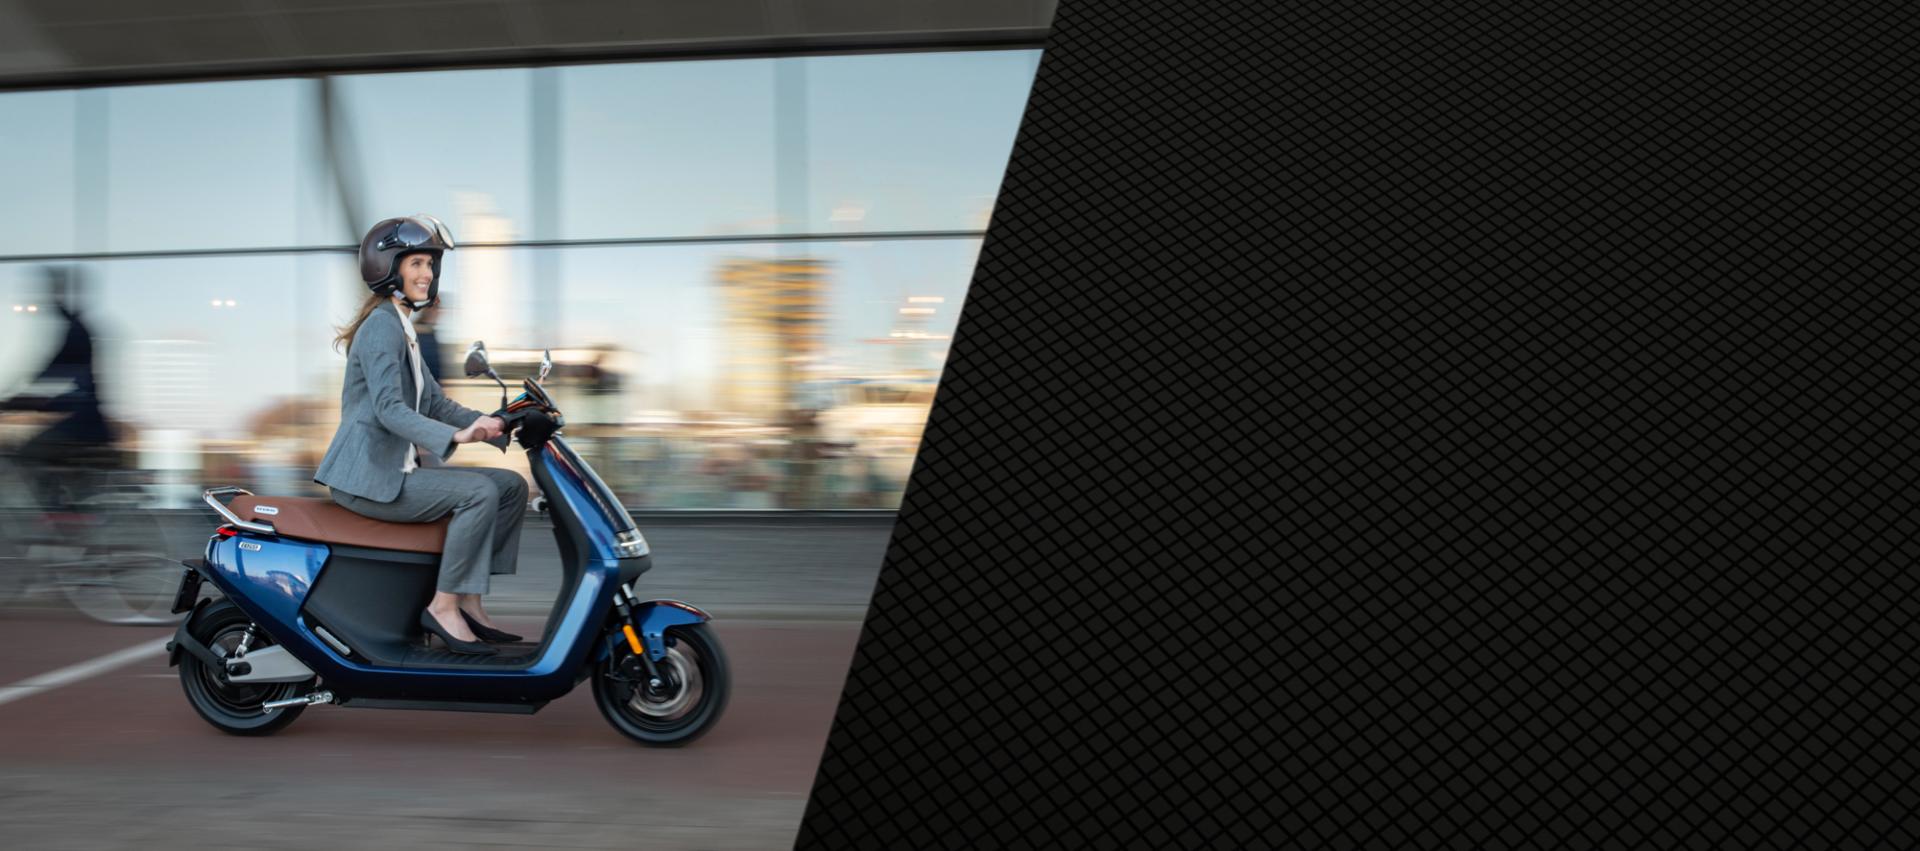 Wij introduceren het RideyGo! Intelligent systeem